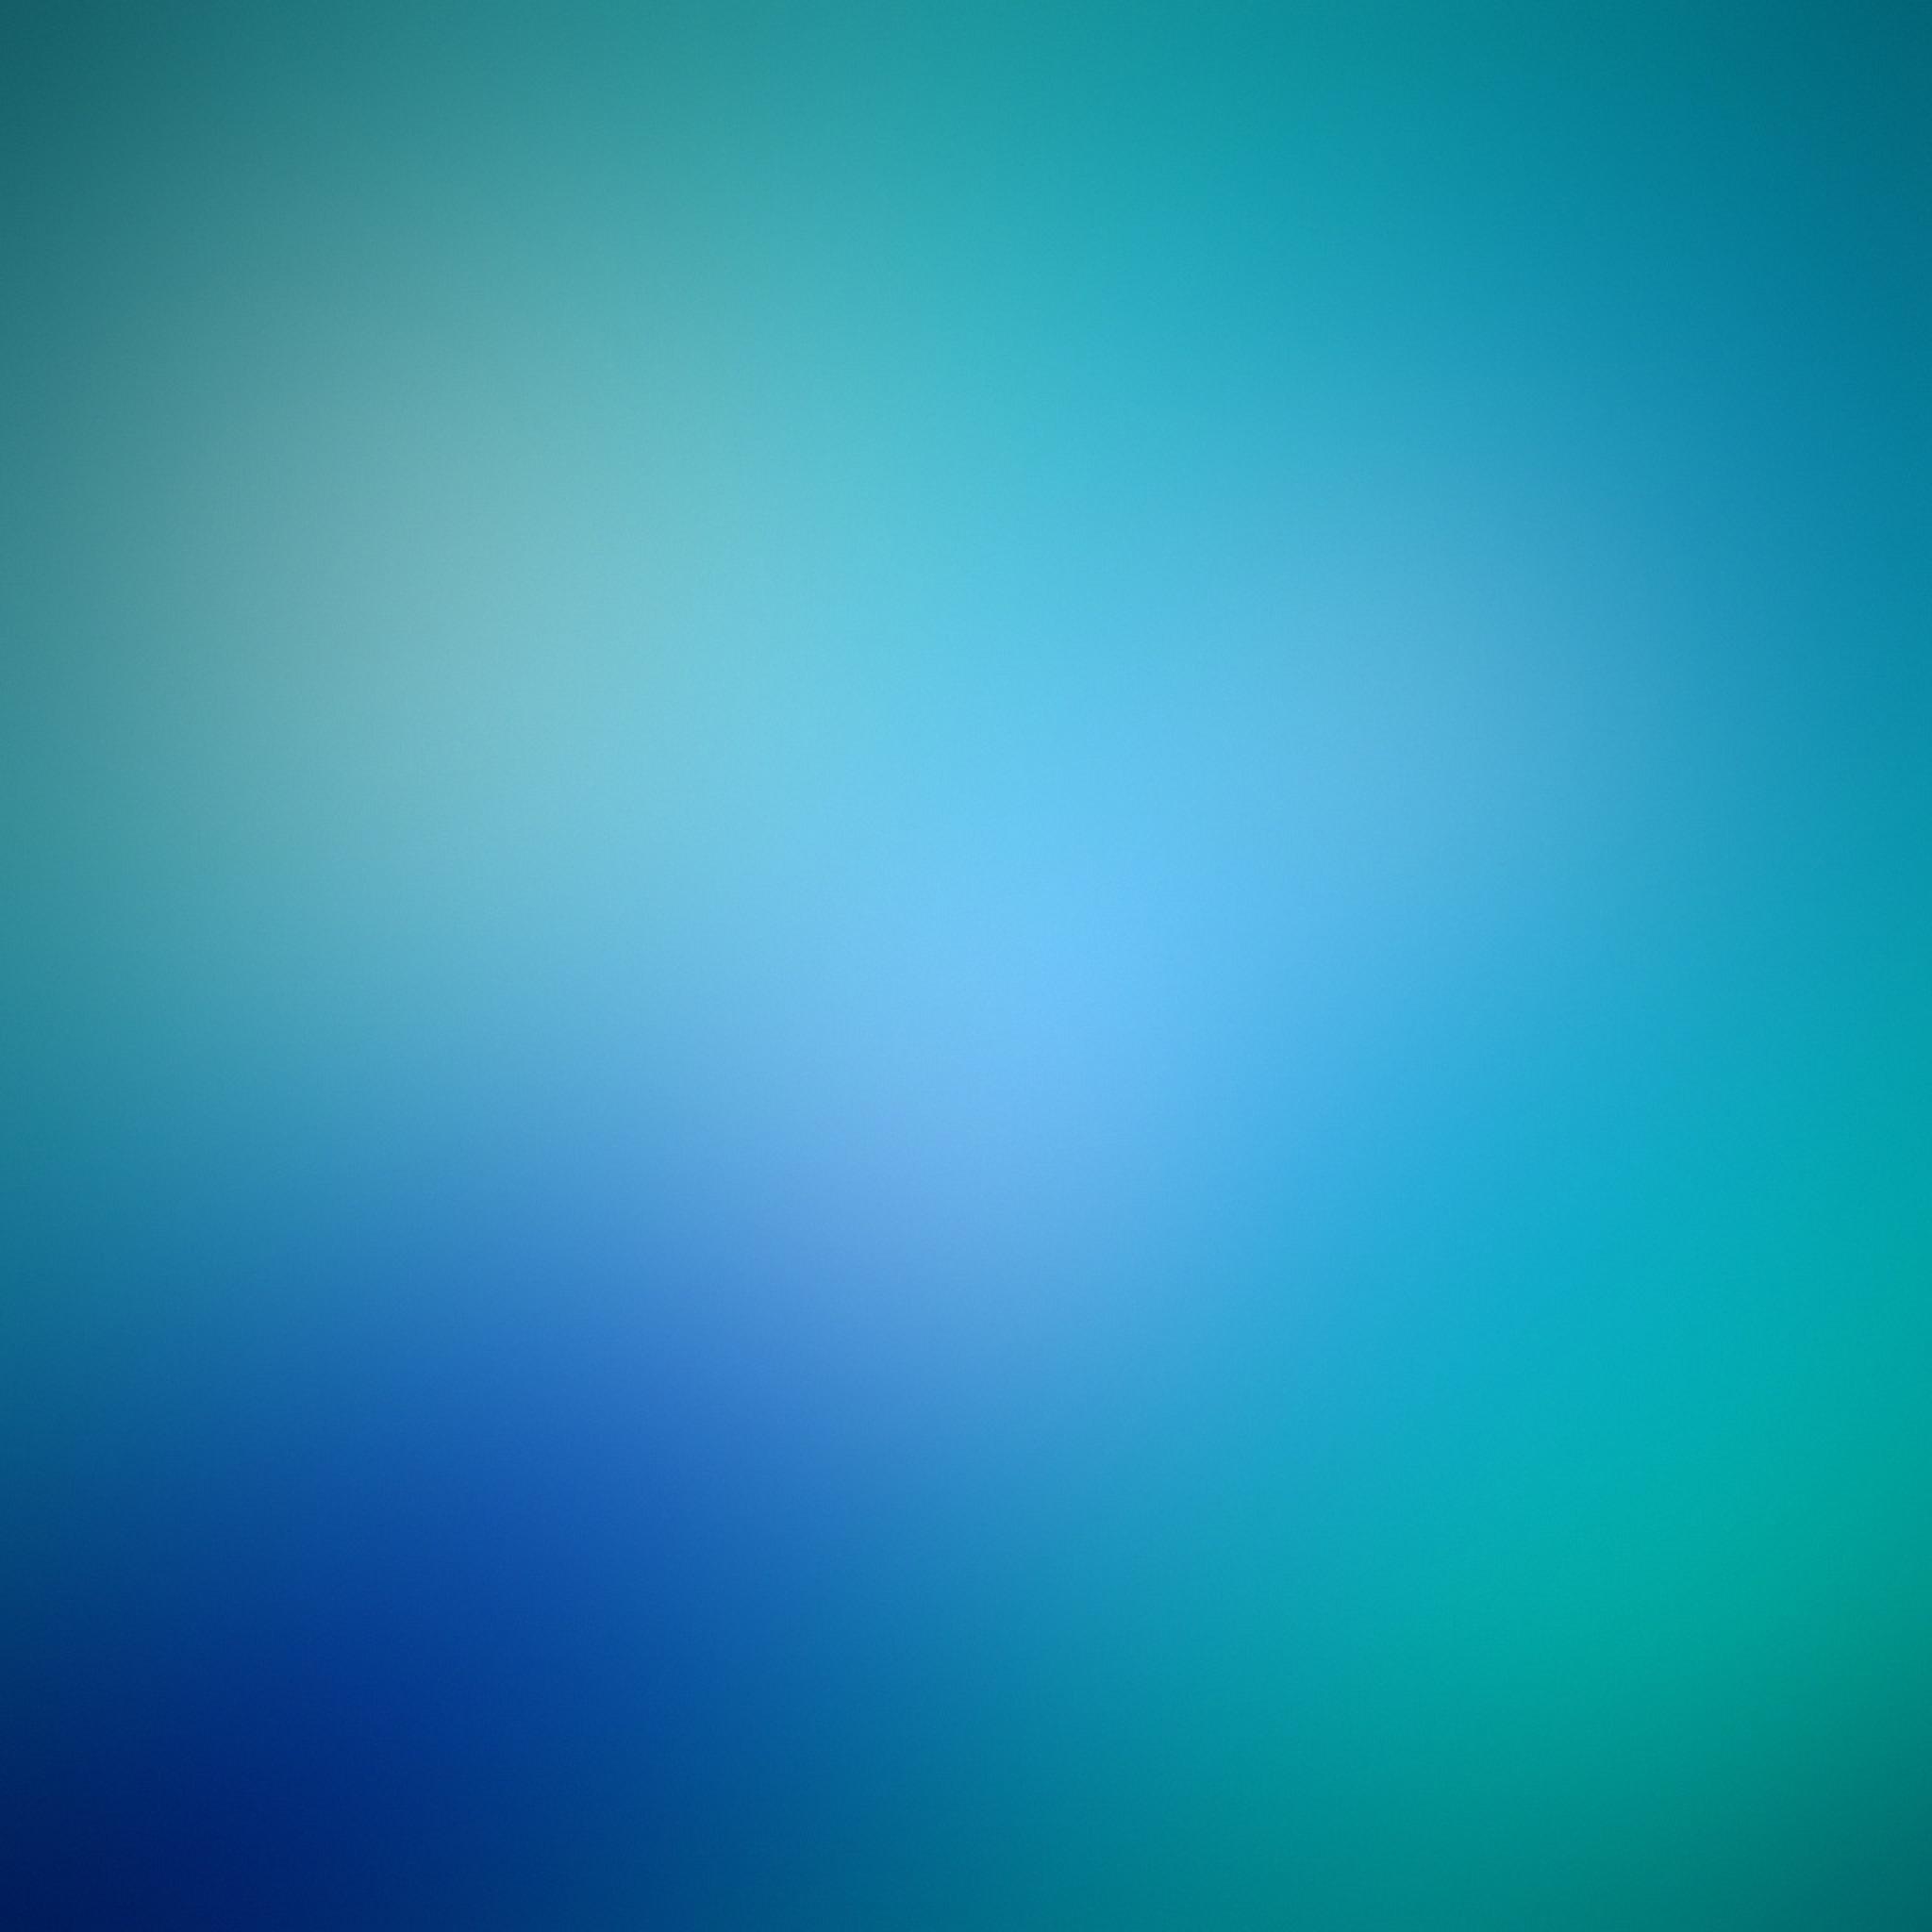 Solid Neon Colors Wallpaper - WallpaperSafari